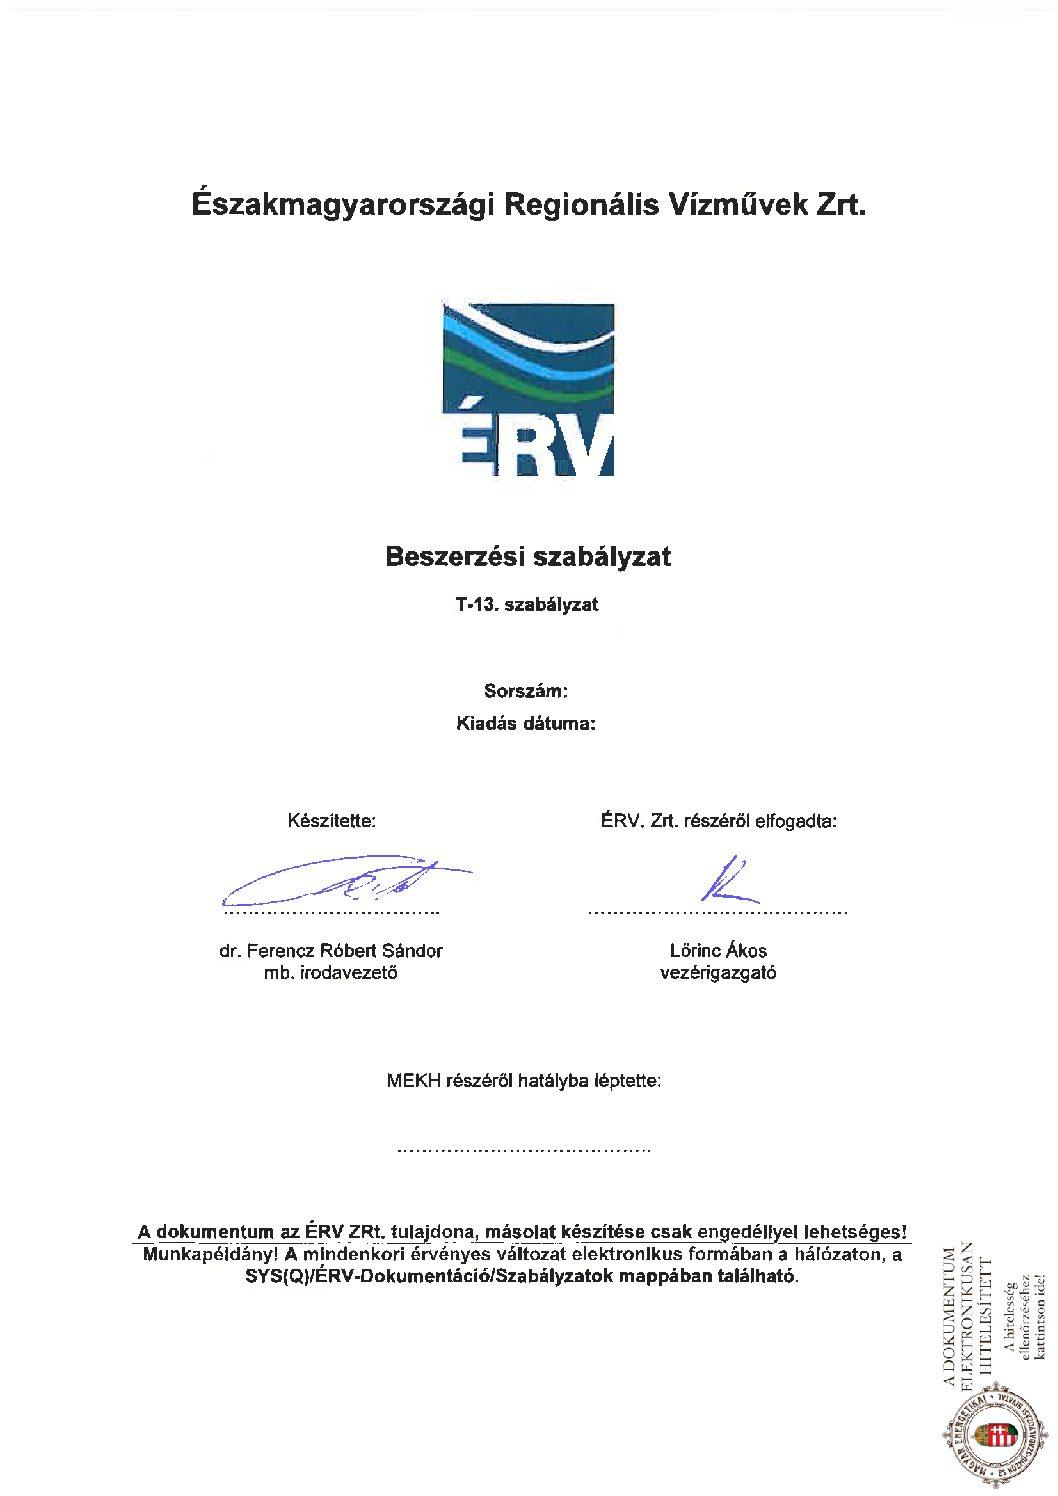 T-13-1 Beszerzési szabályzat_ÉRV Zrt. 20181115